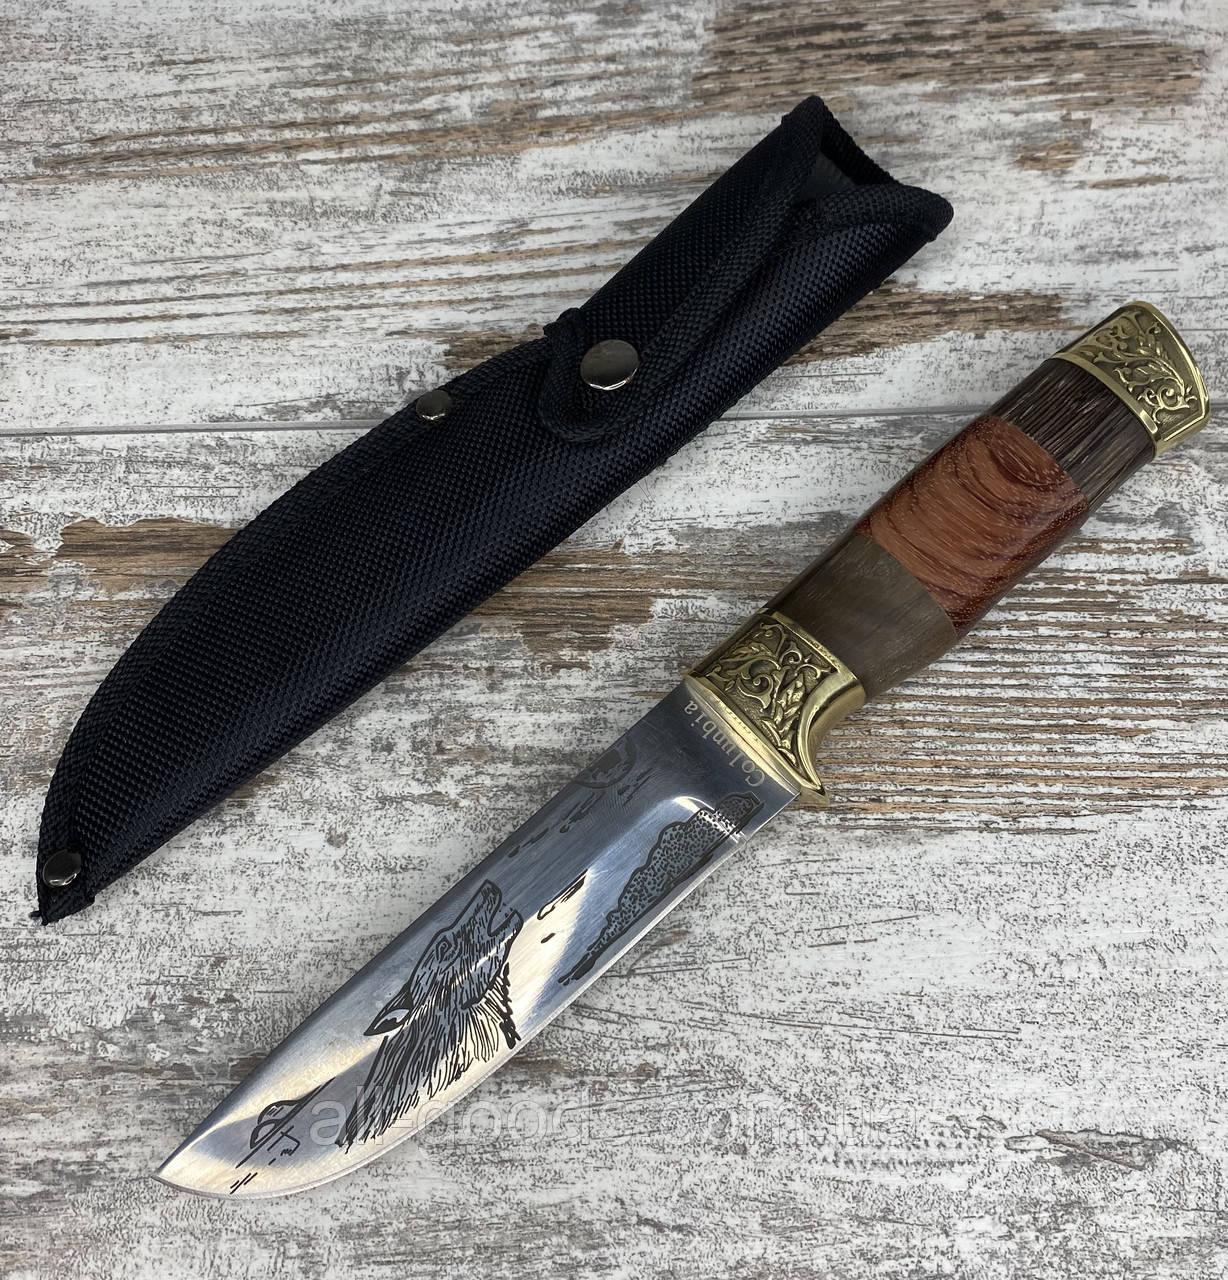 Охотничий нож 26 см Colunbir АК-205. Нож для охоты, рыбалки и туризма. Нож для выживания. Нож с гравировкой.